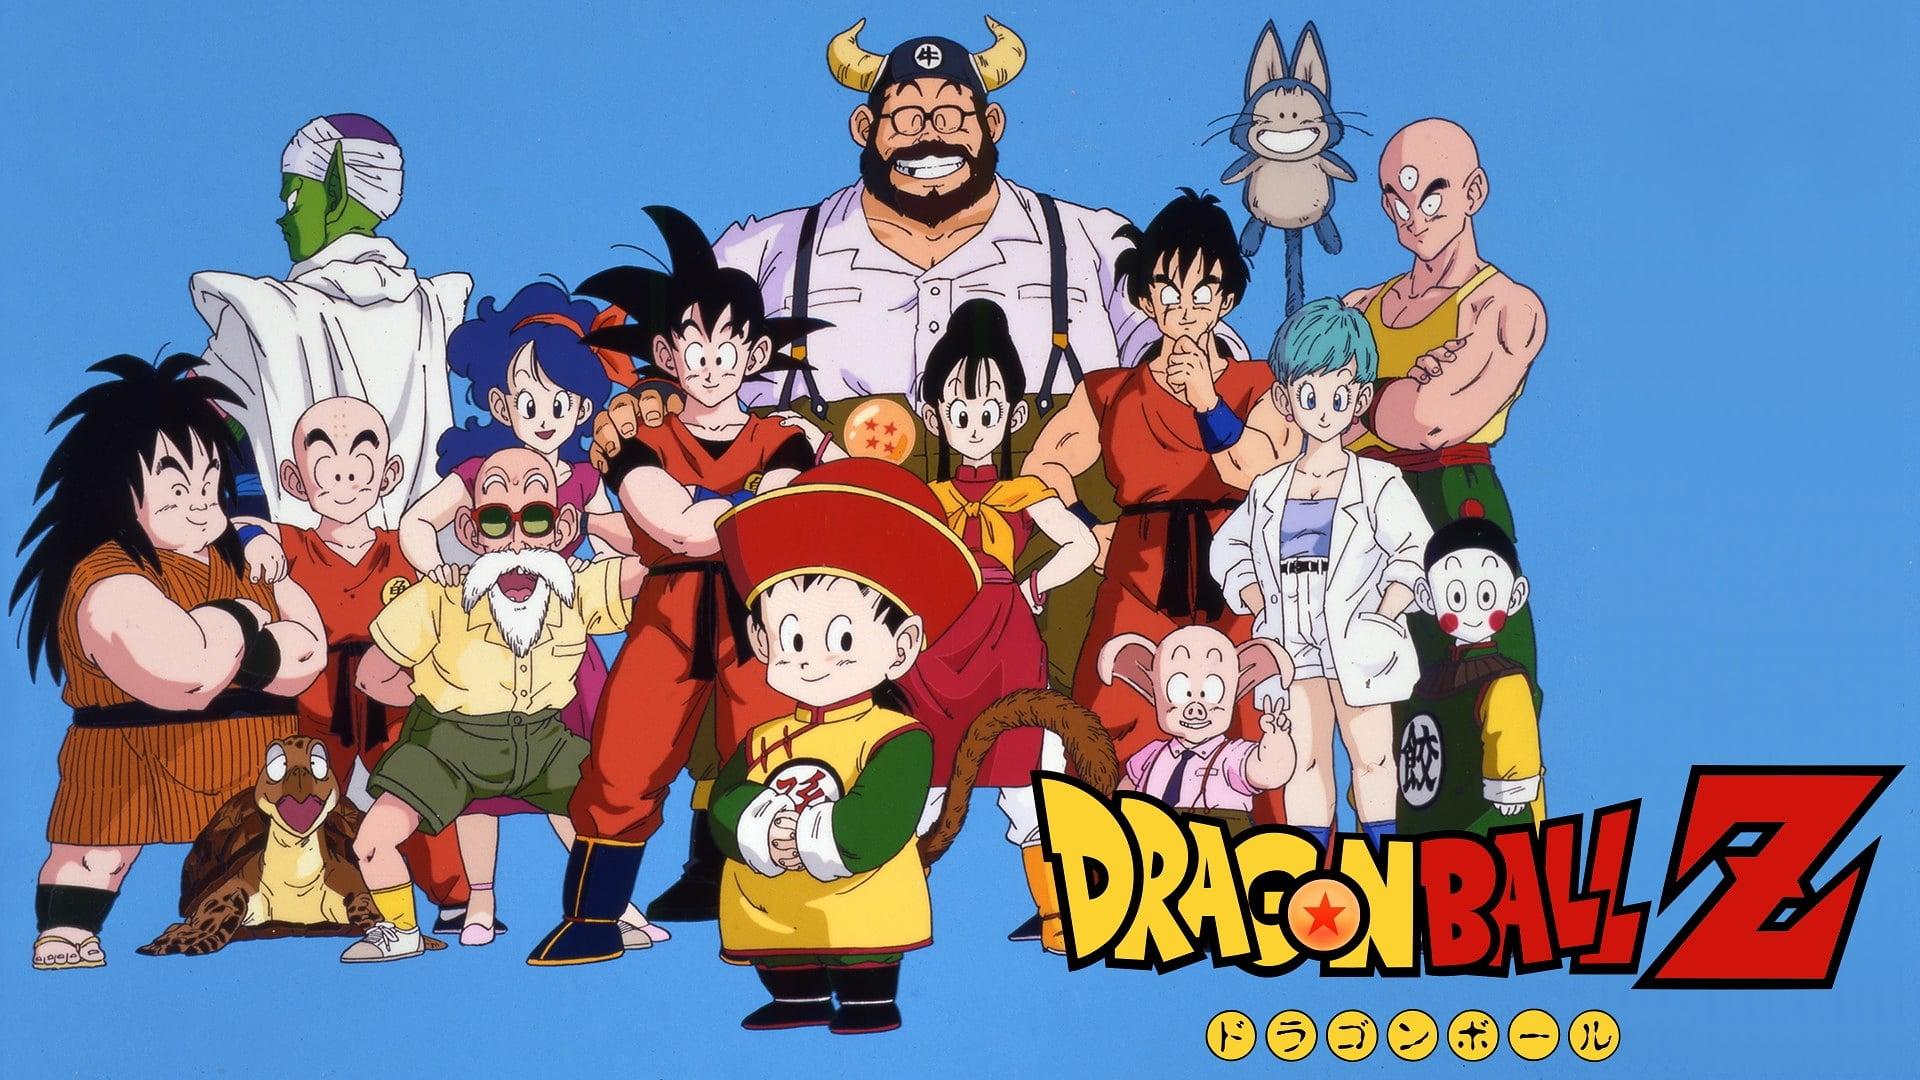 Dragon Ball Z Frieza Saga